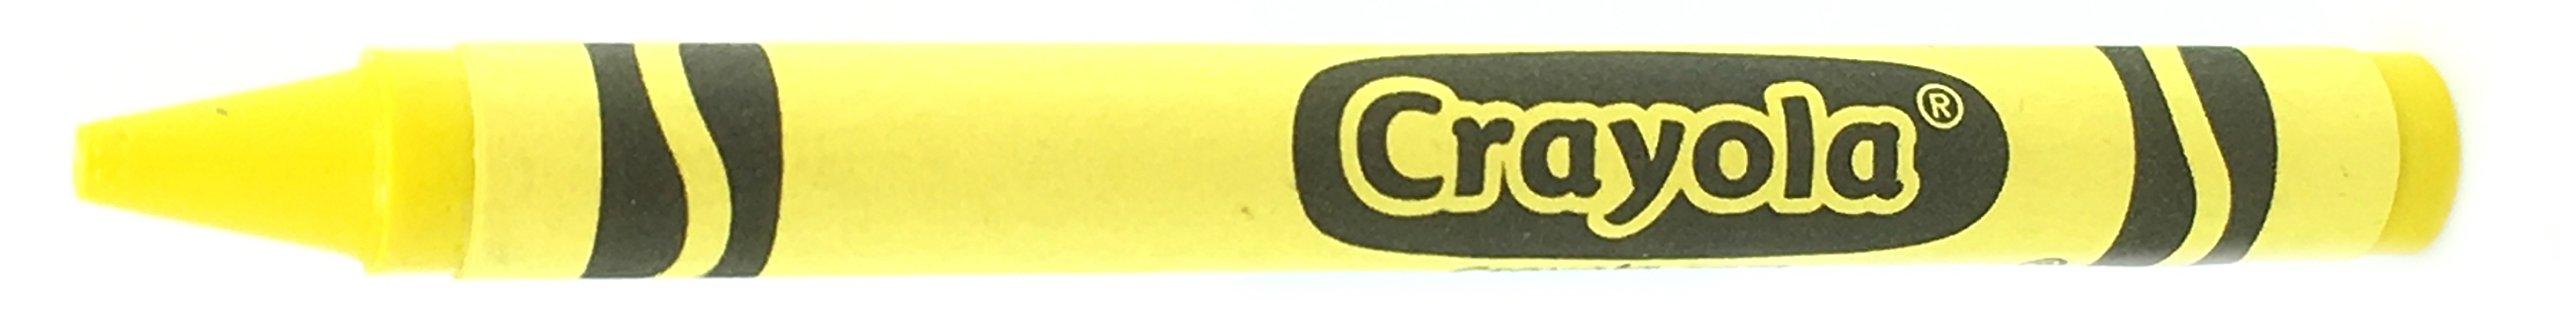 50 Yellow Crayons Bulk - Single Color Crayon Refill - Regular Size 5/16'' x 3-5/8''